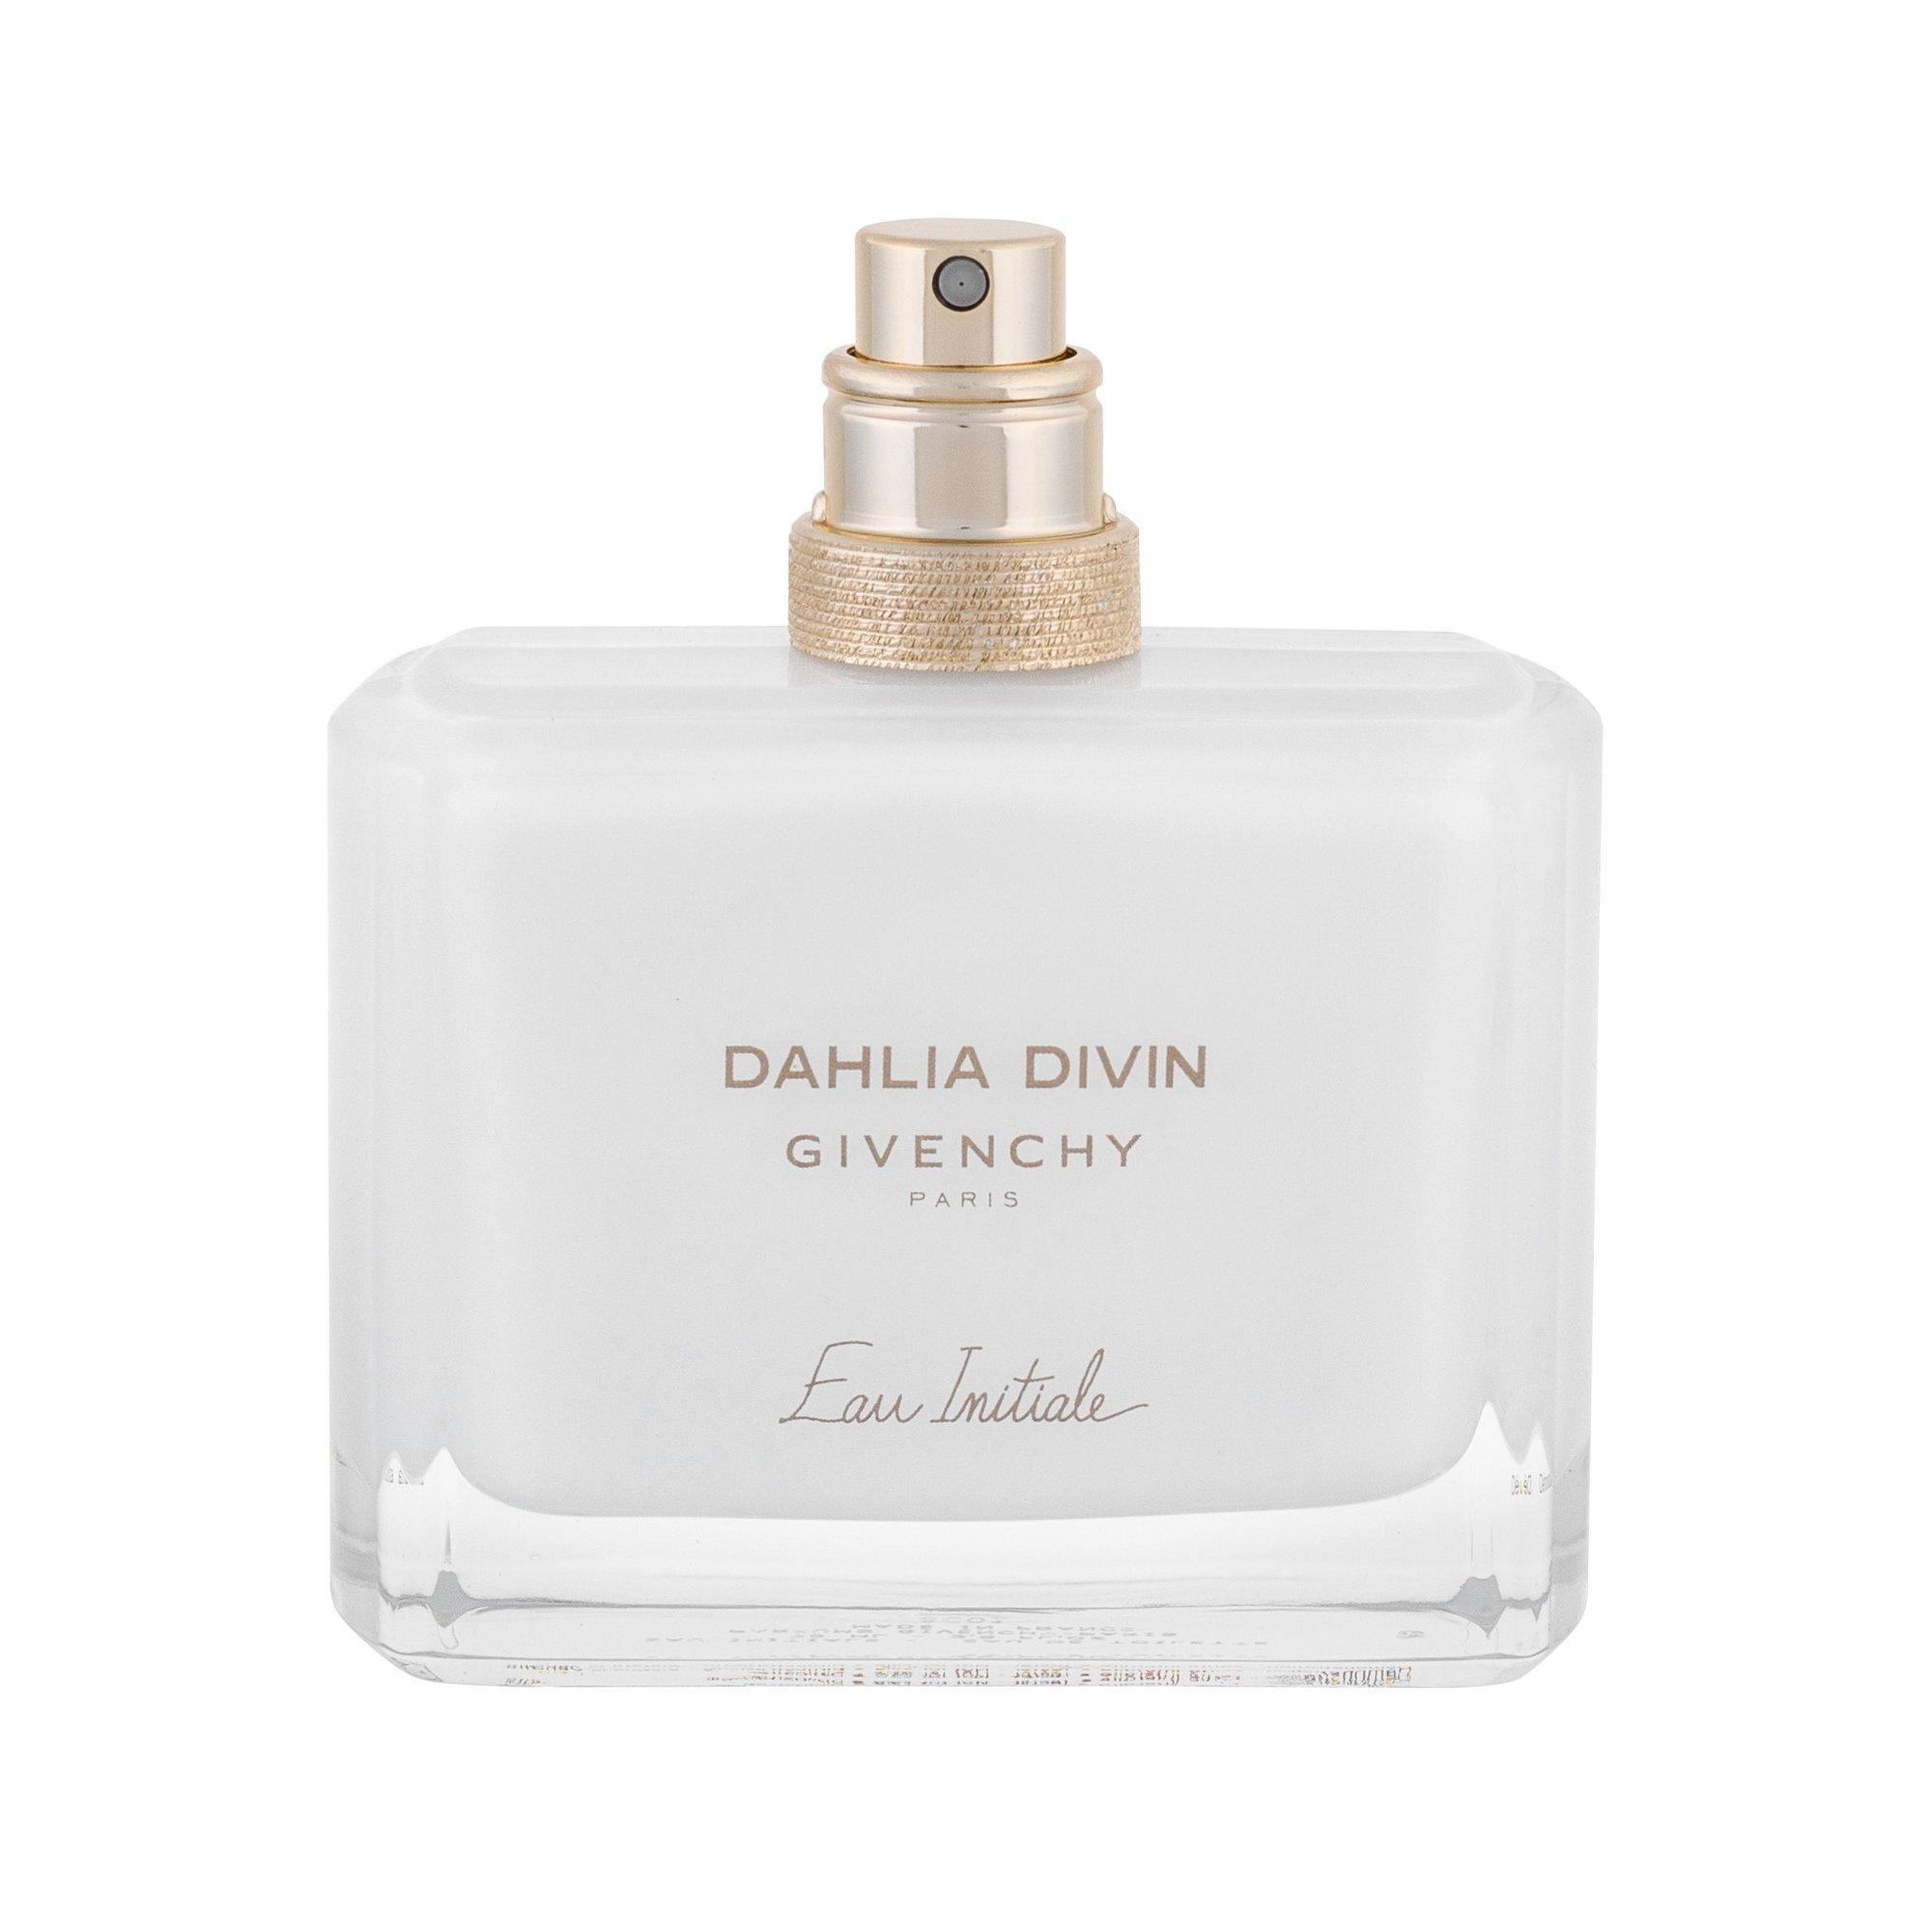 Givenchy Dahlia Divin Eau Initiale Eau de Toilette 75ml